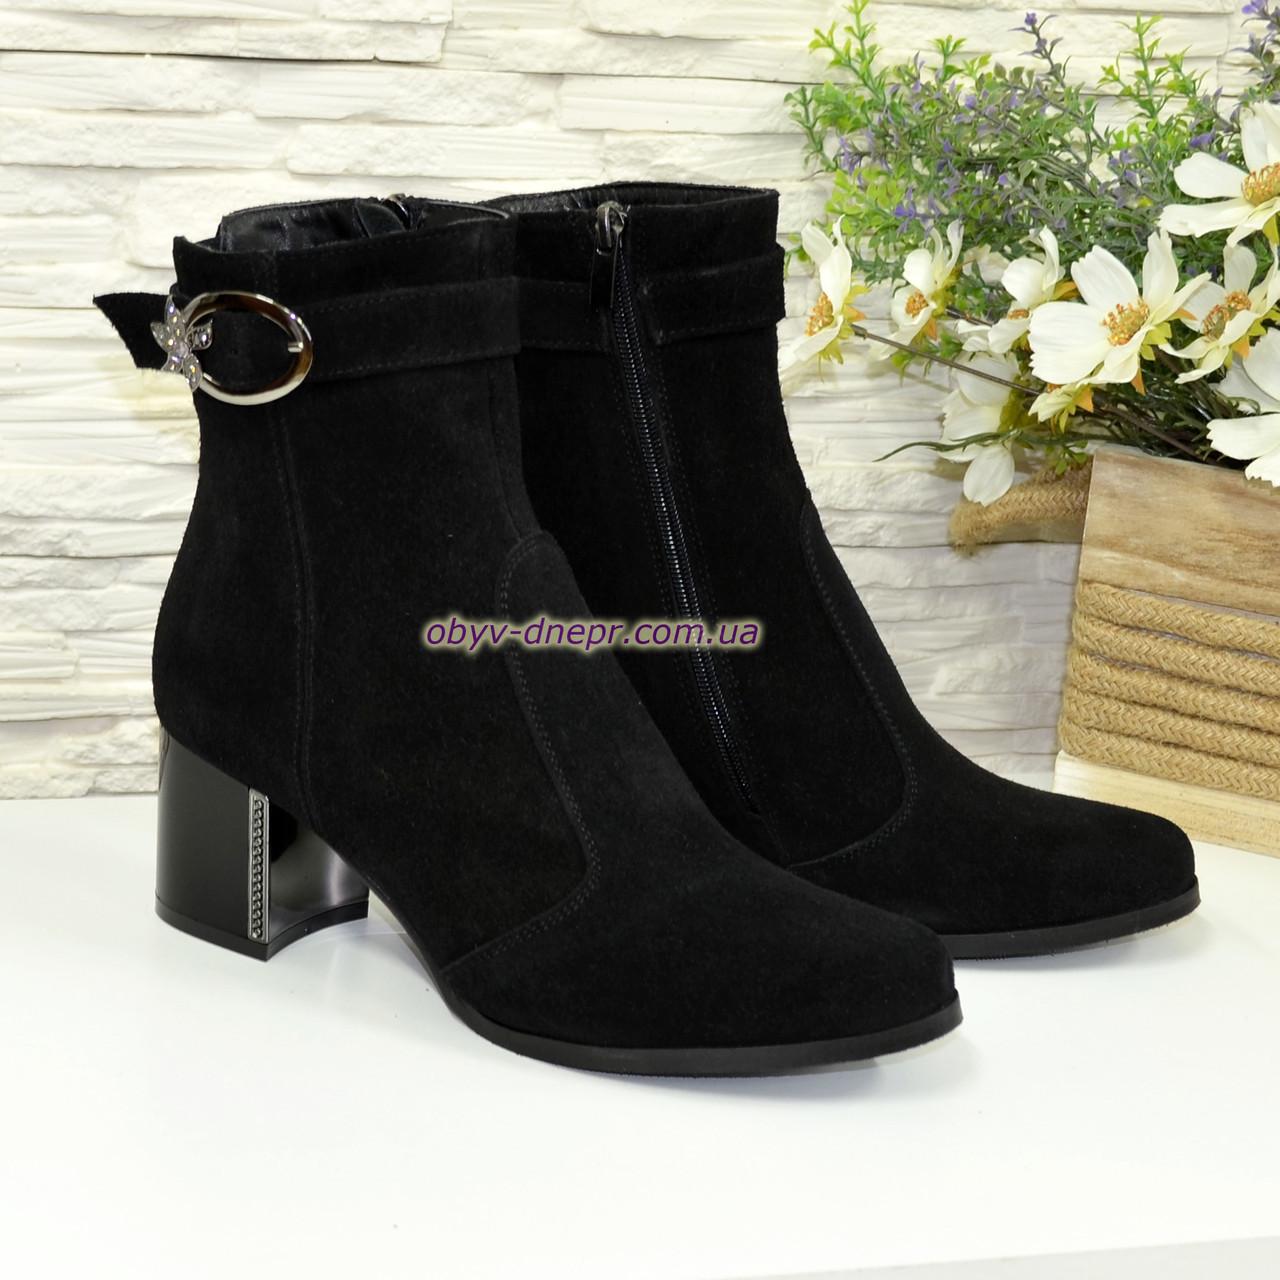 f6e58b44 Ботинки зимние замшевые на невысоком каблуке, декорированы ремешком ...